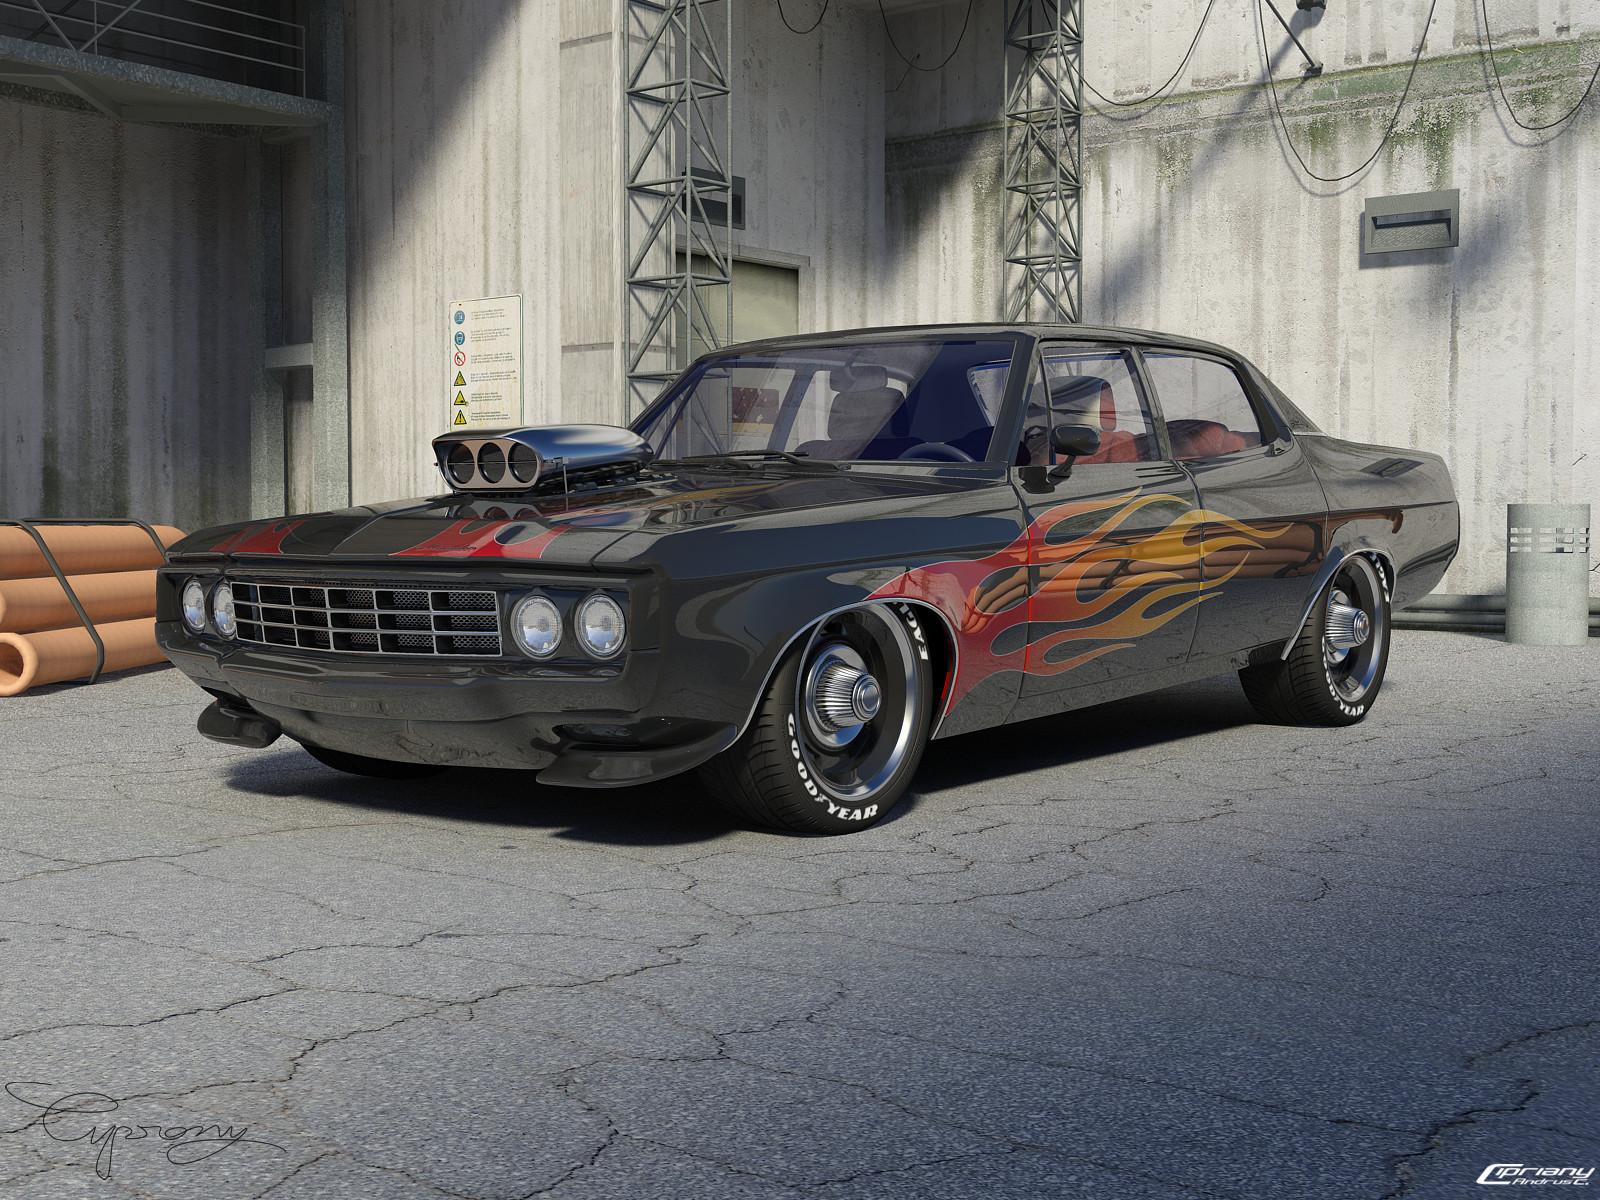 Ambassador Car Wallpaper Amc Matador Photos Reviews News Specs Buy Car